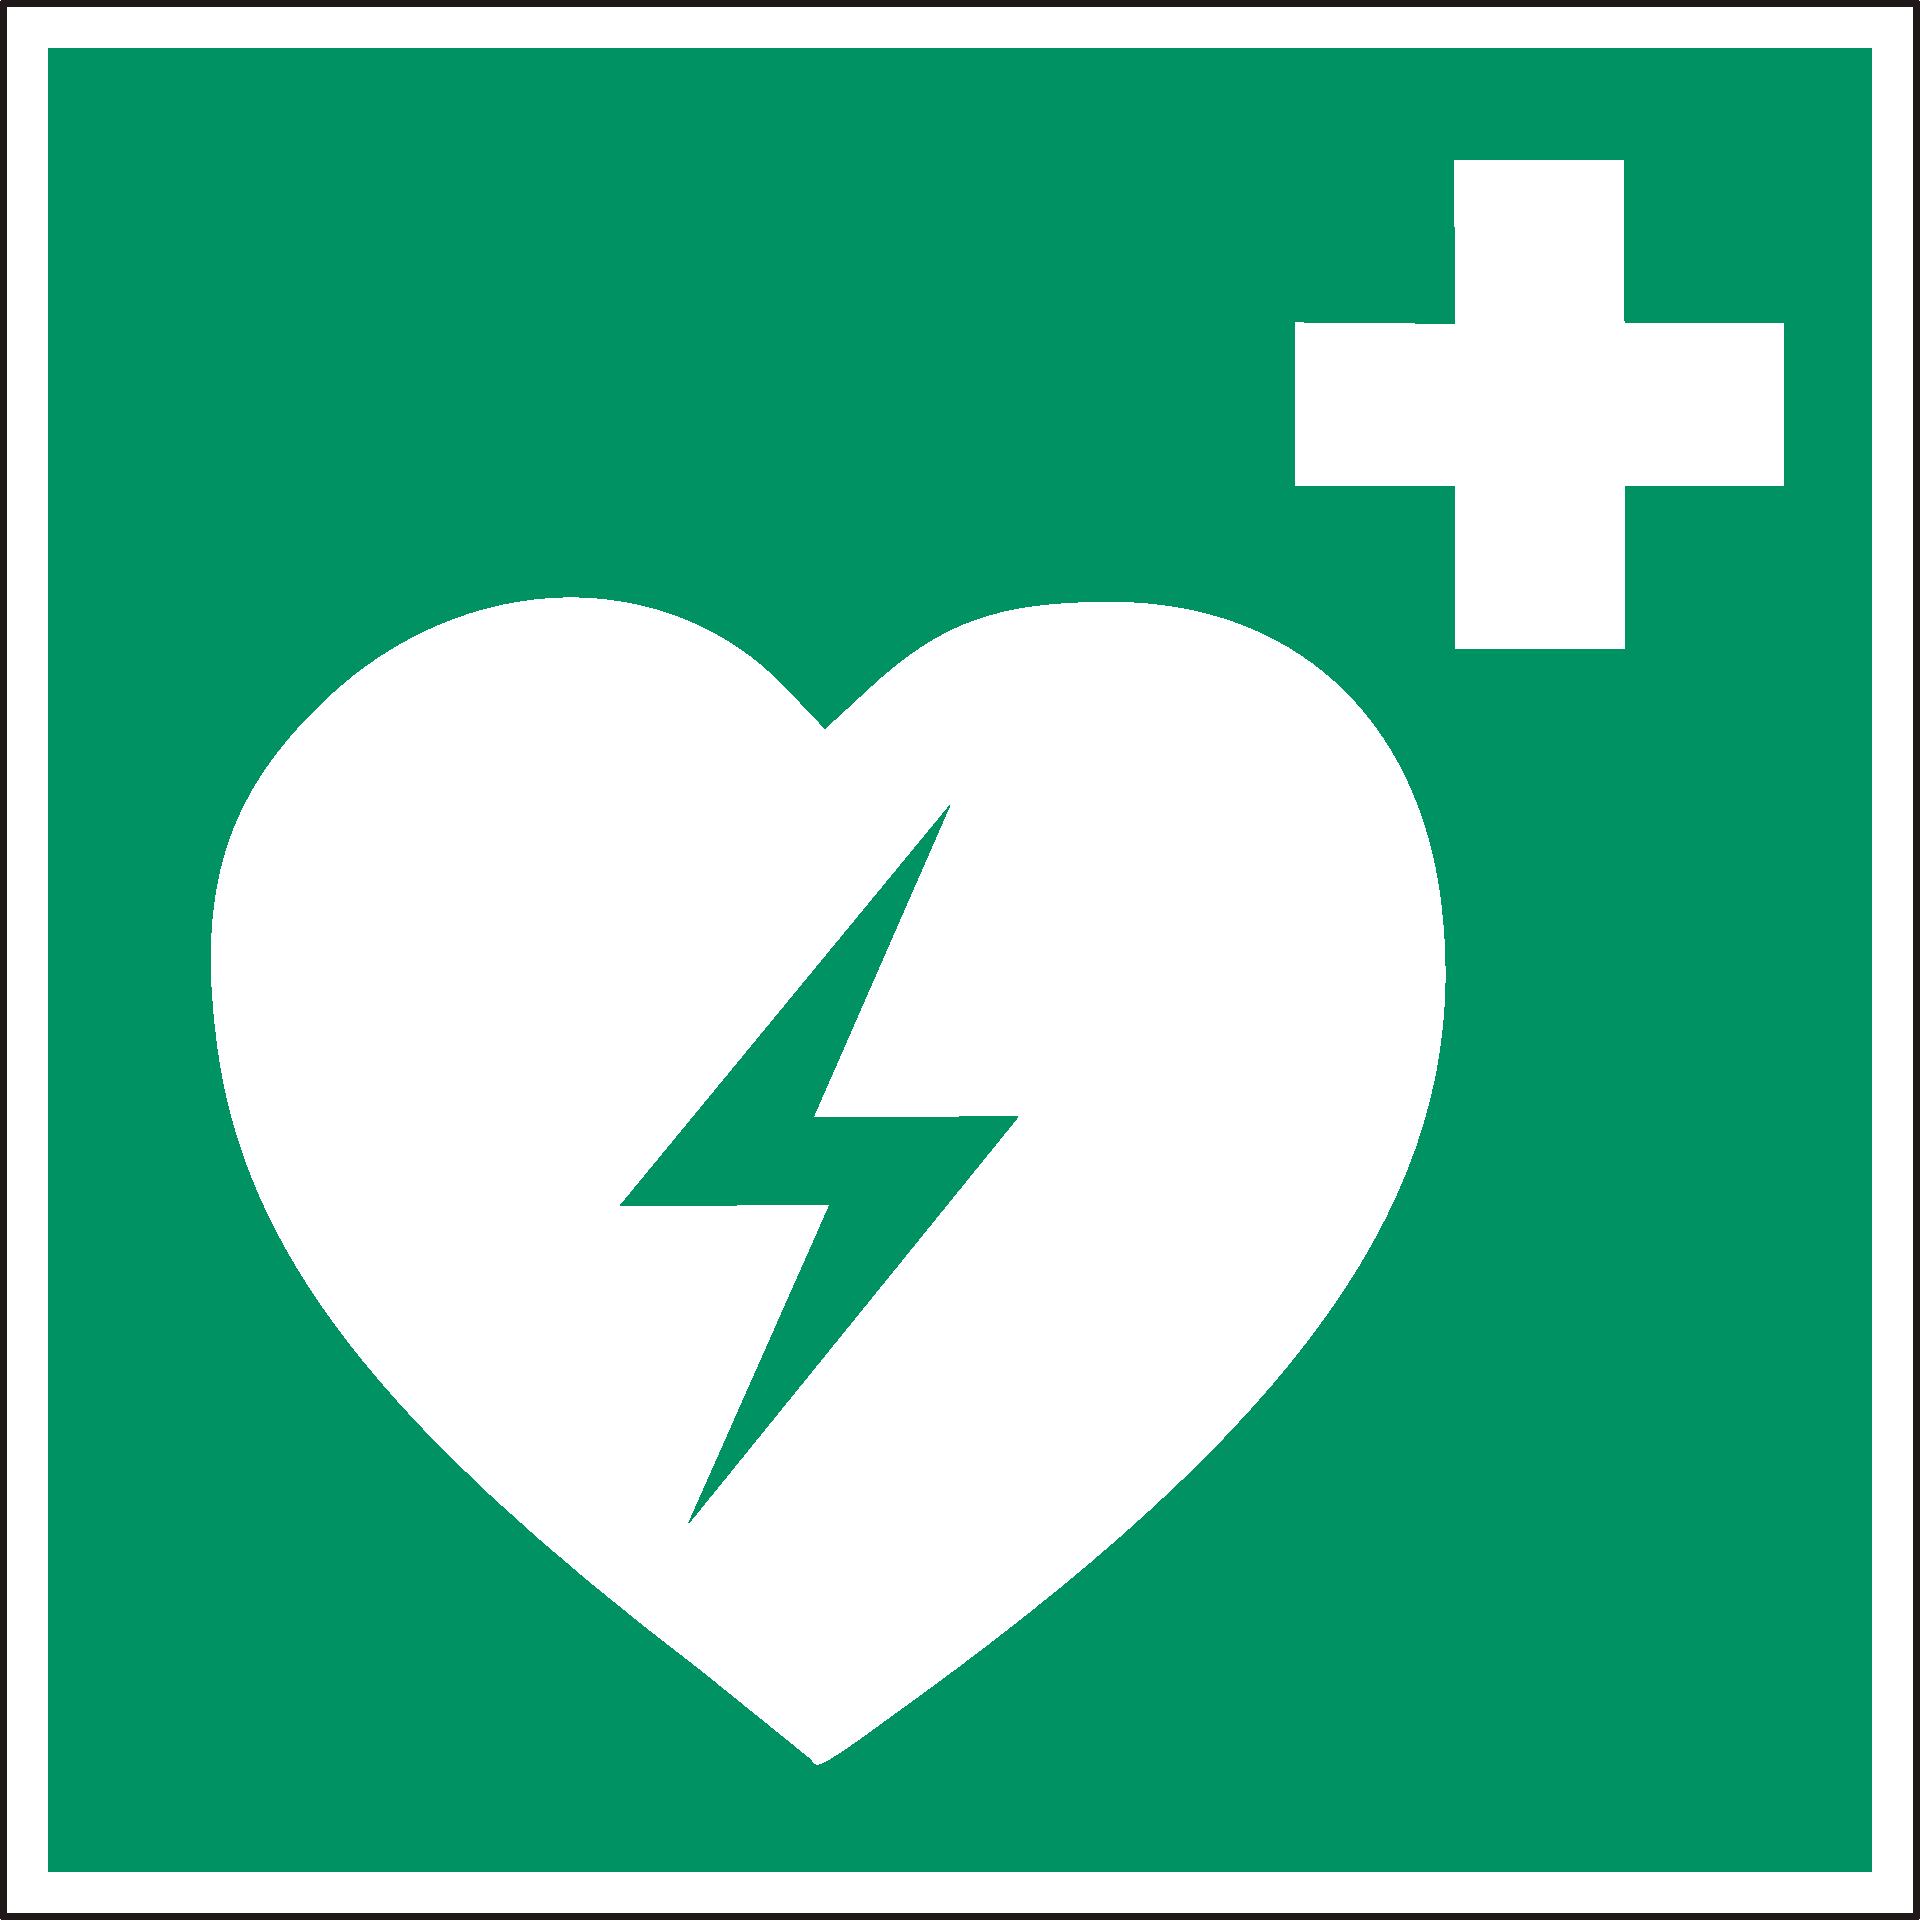 Señal para zonas cardioseguras